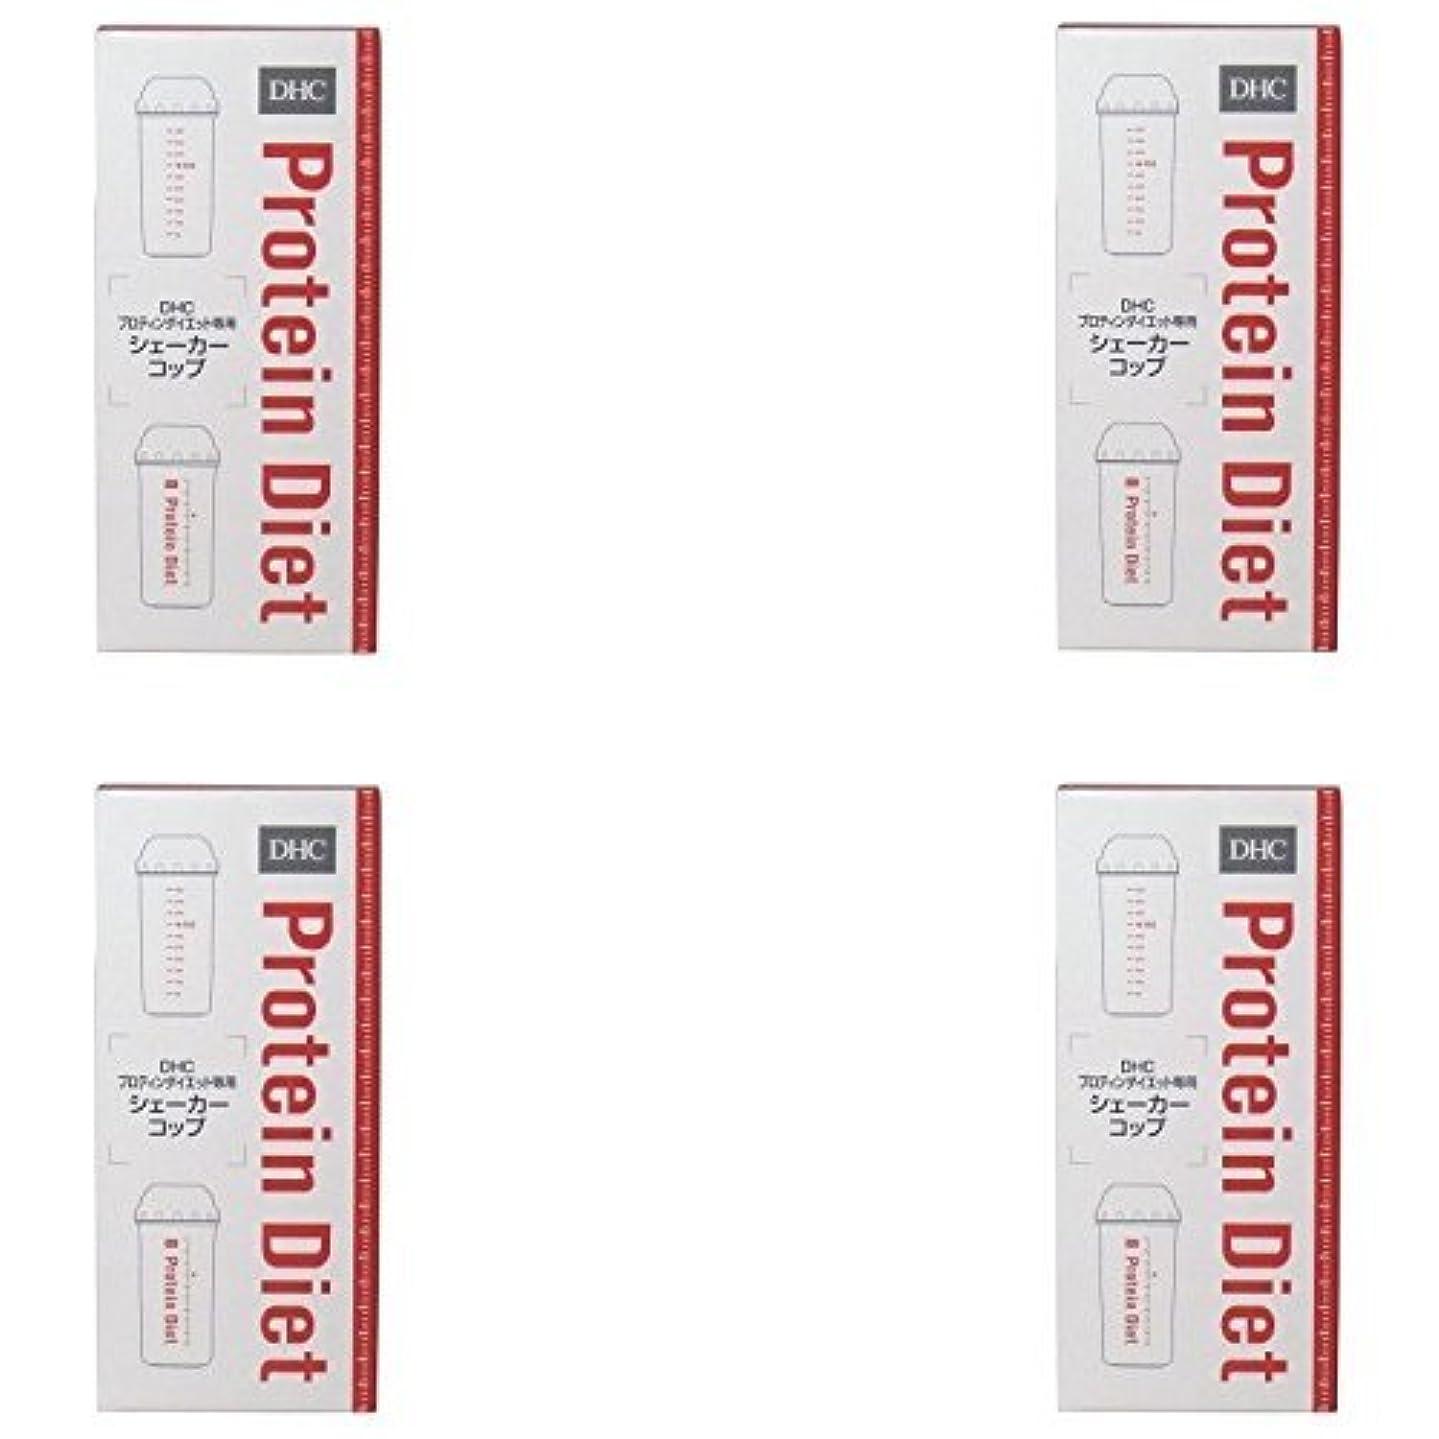 キロメートルとげゴミ【まとめ買い】DHC プロティンダイエット専用シェーカーコップ 1個【×4セット】